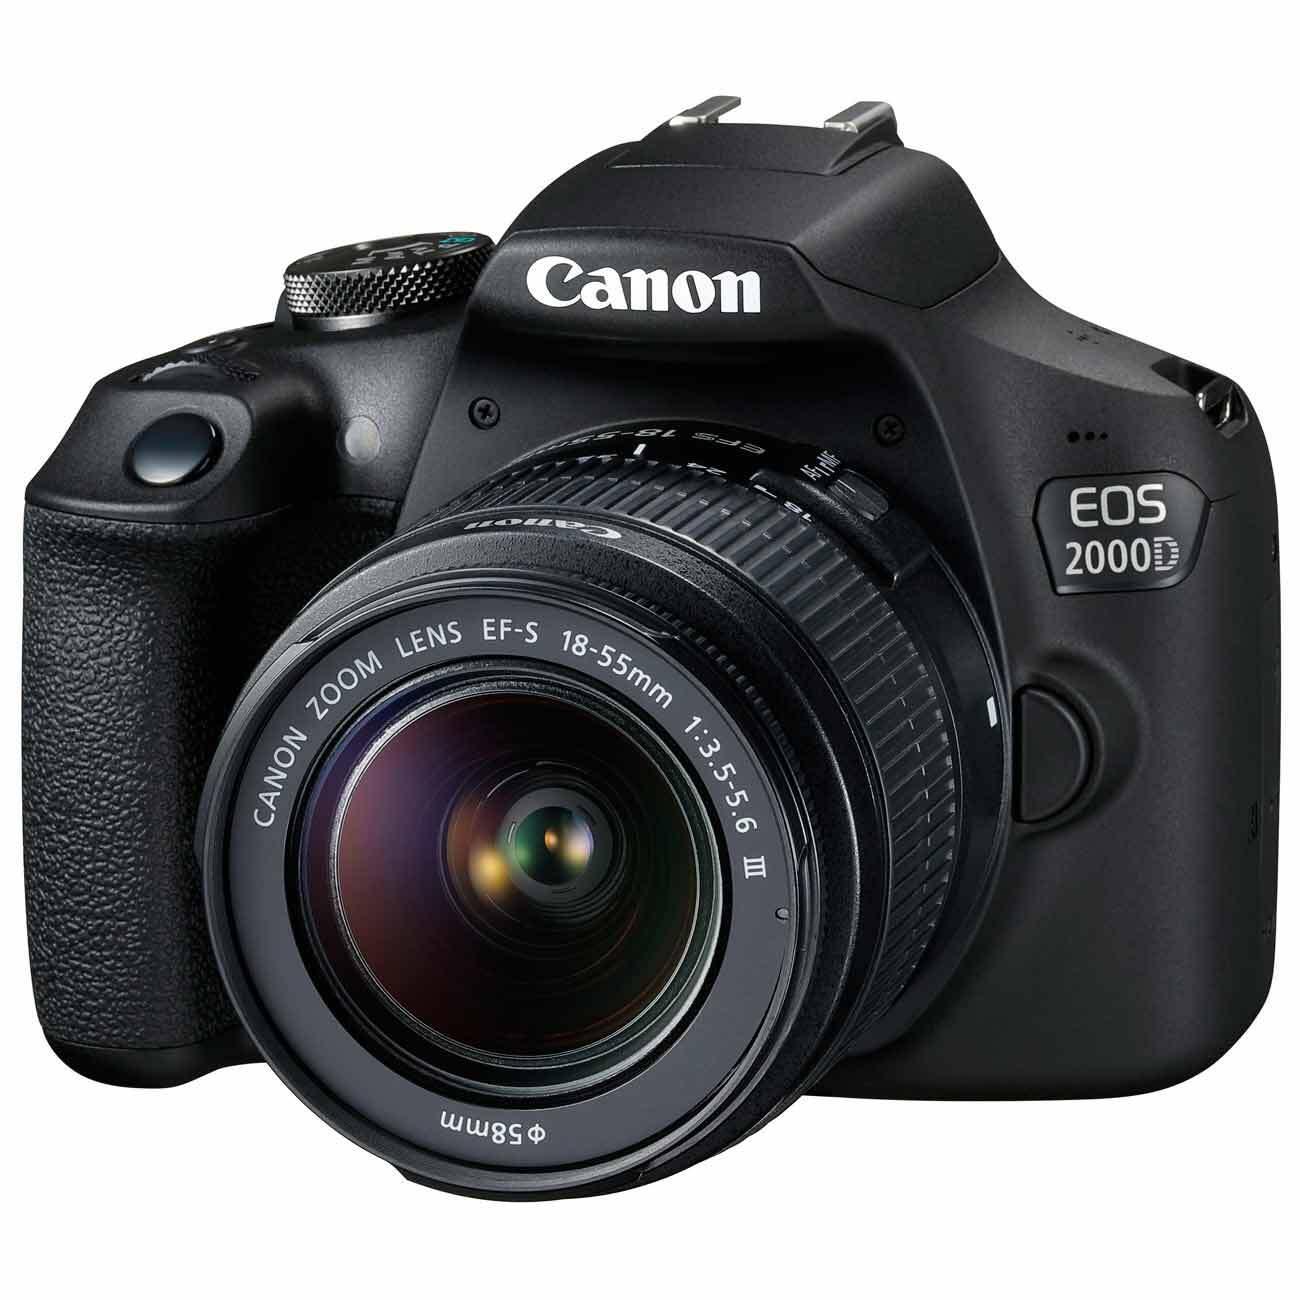 очень нужная вторичный рынок фотоаппаратов месяца спустя